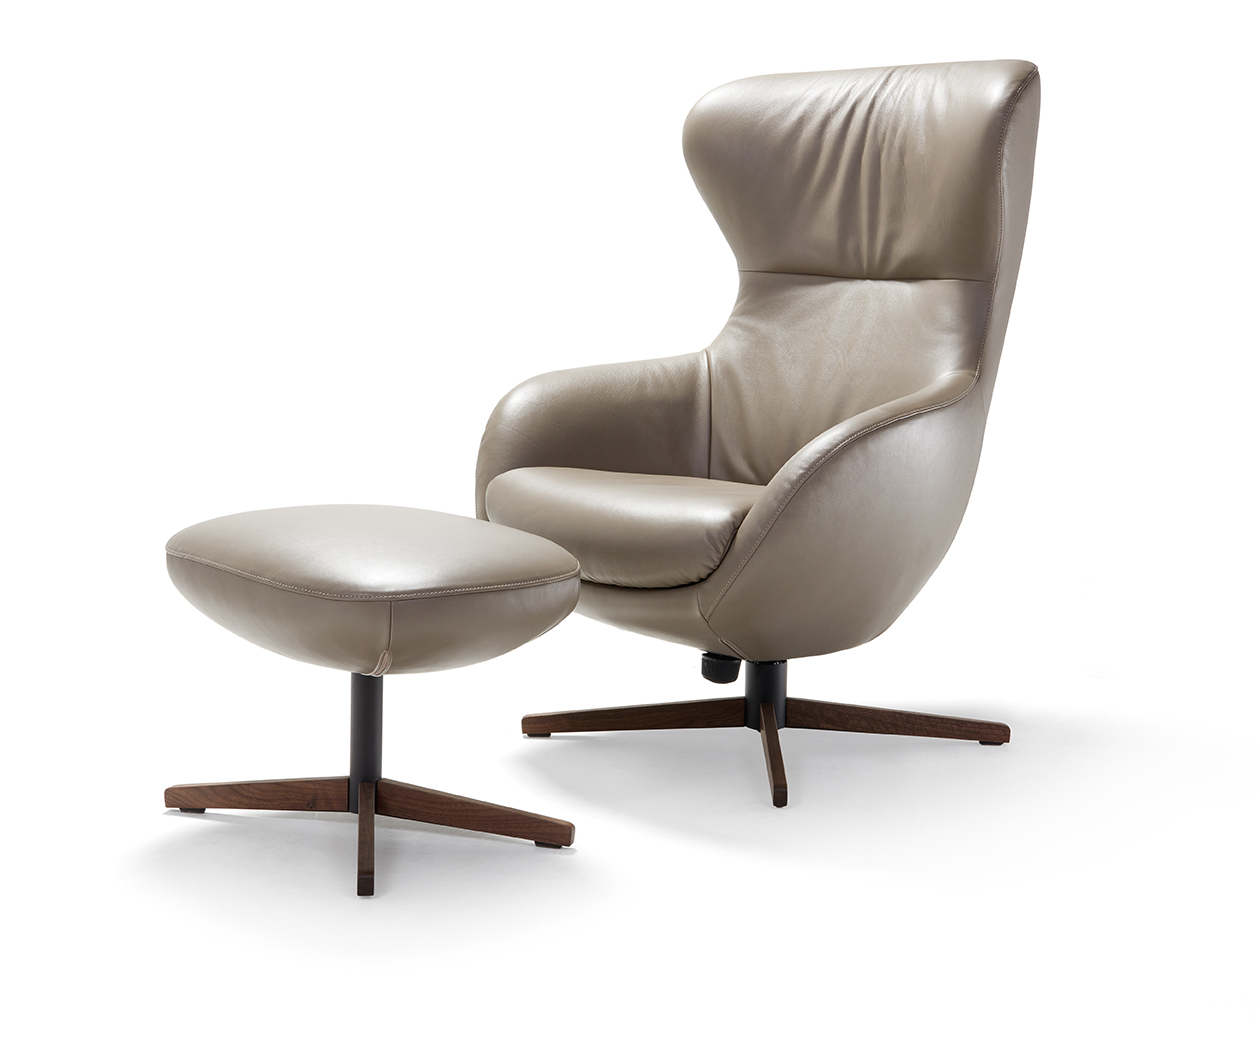 jester sessel von signet super bequem mit starkem auftritt. Black Bedroom Furniture Sets. Home Design Ideas